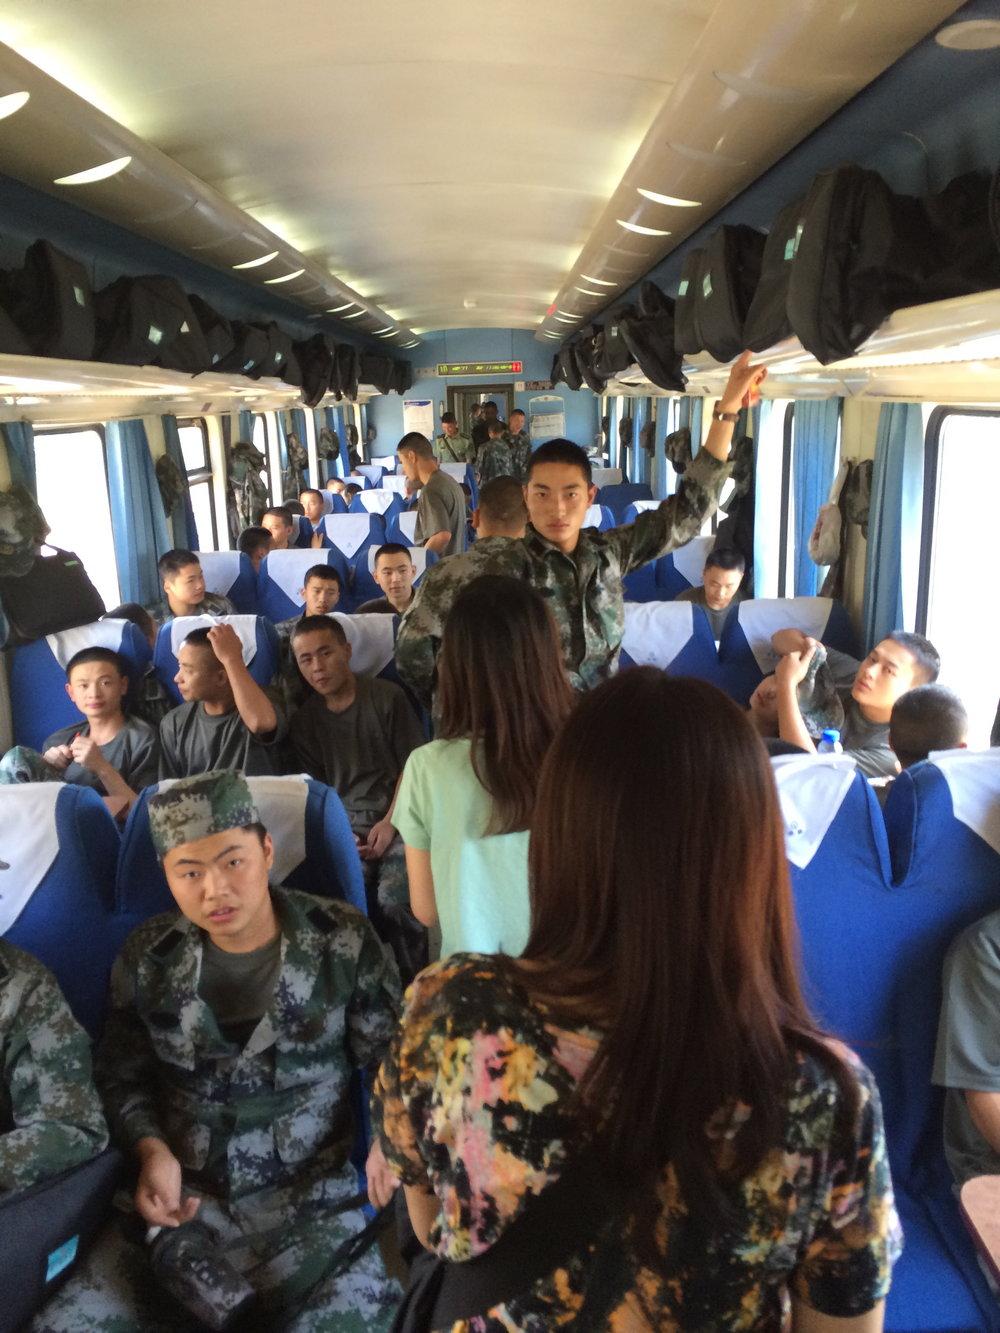 内陆大量派入驻兵,他们能坐的,是坐足三天两夜的位子。